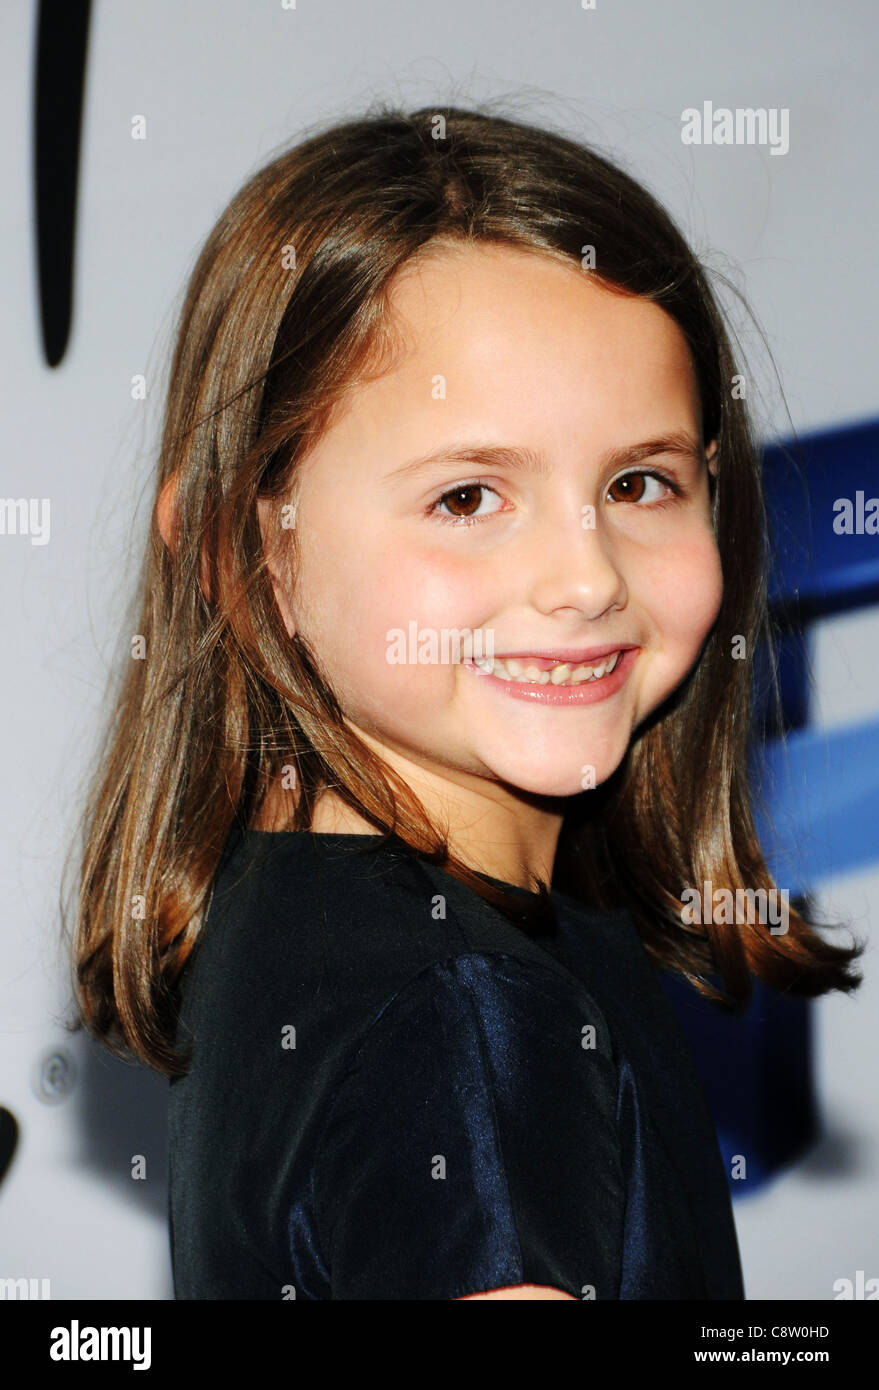 Annik Shefrazian,Danny La Rue (1927?009) XXX nude Molly C. Quinn born October 8, 1993 (age 25),Caitlin Blackwood (born 2000)